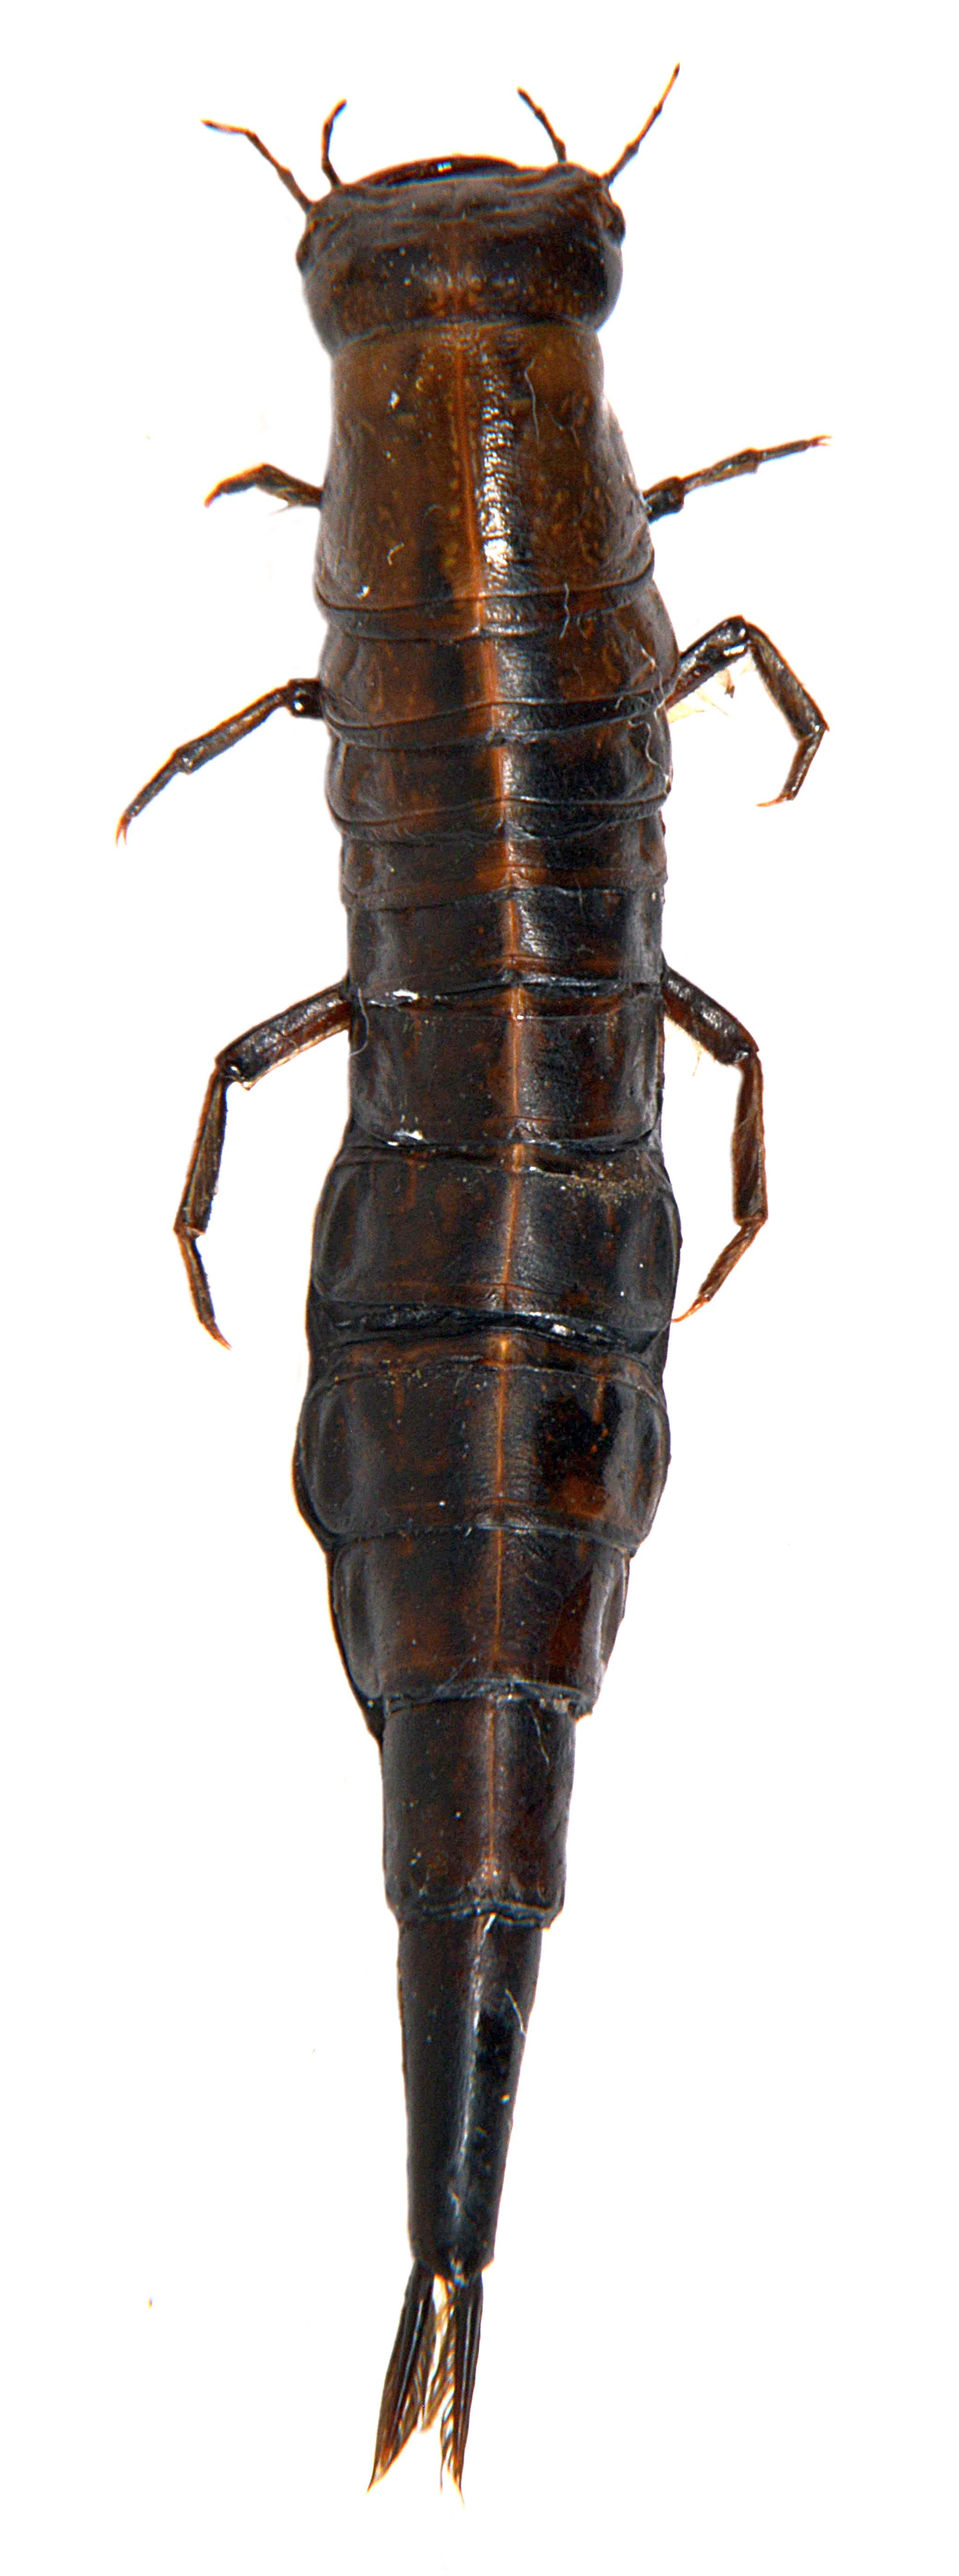 Dytiscus semisulcatus larva